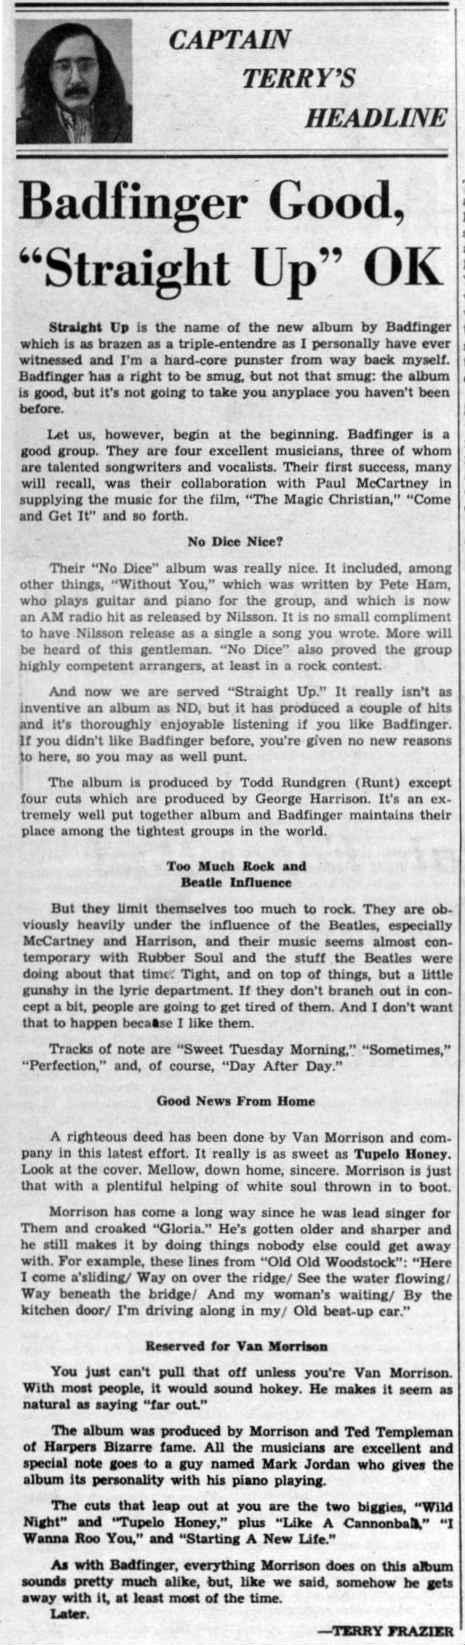 The Signal Feb 3, 1972